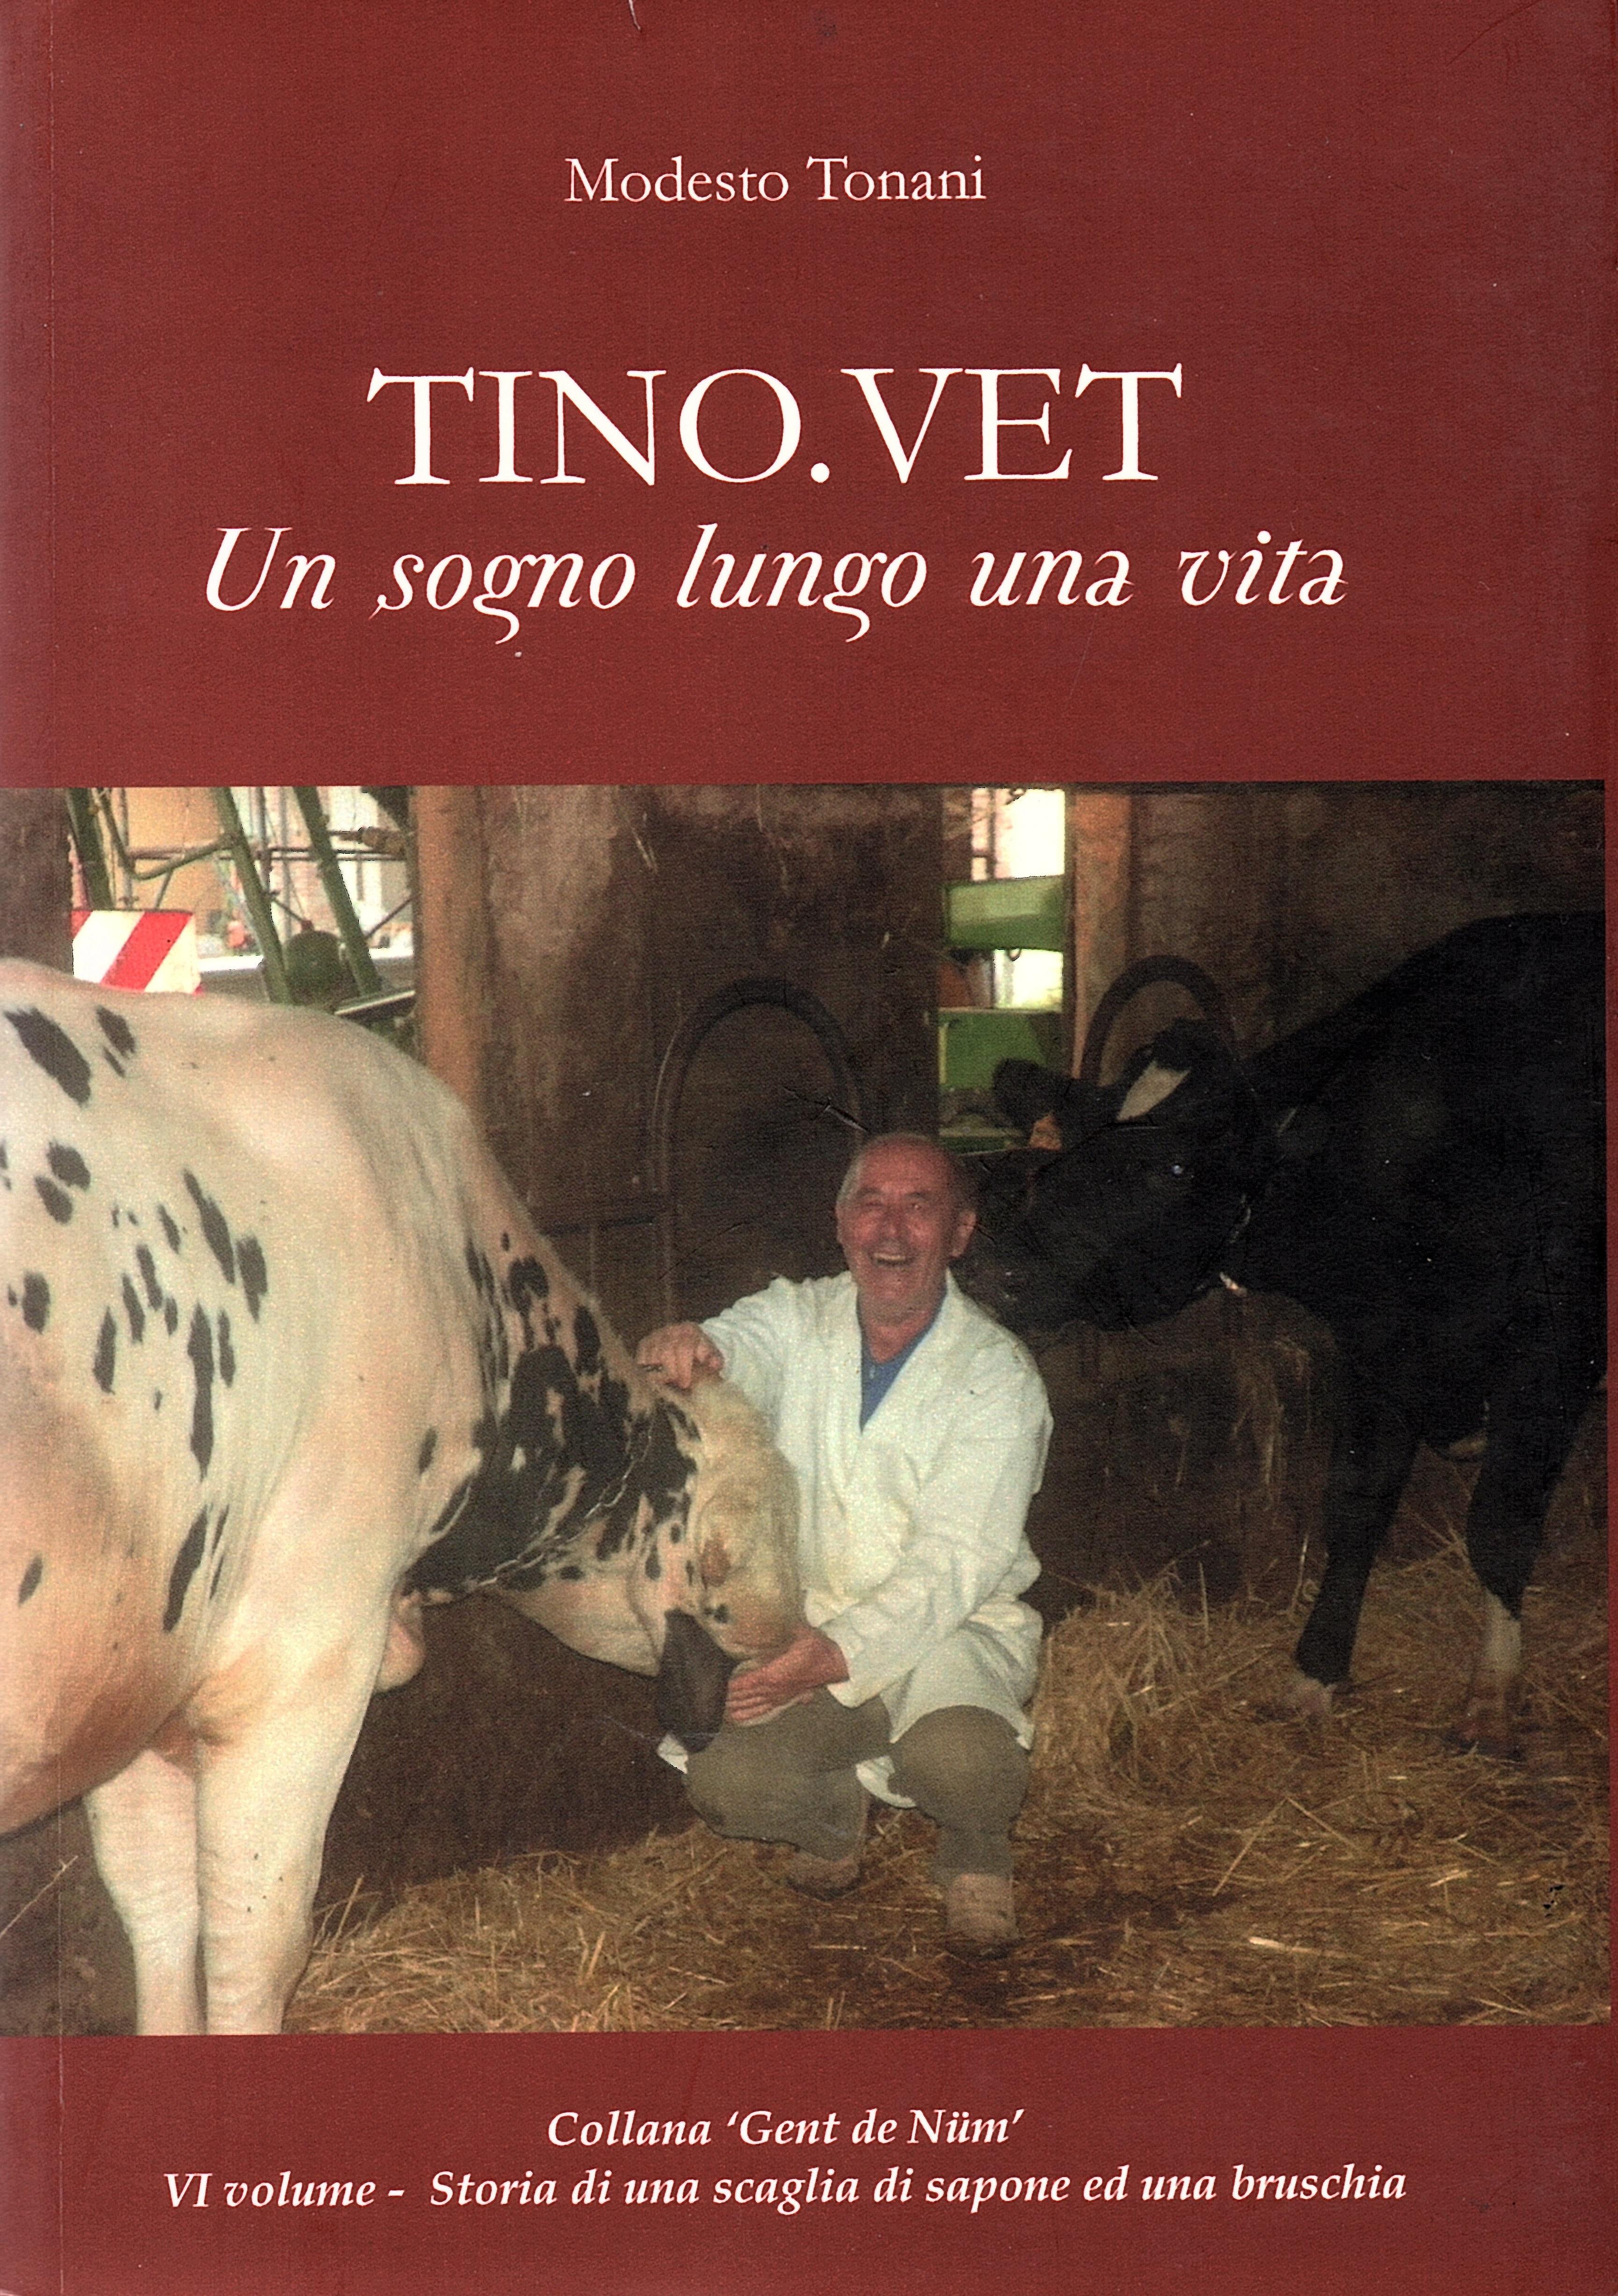 Incontro con l'autore: Modesto Tonani